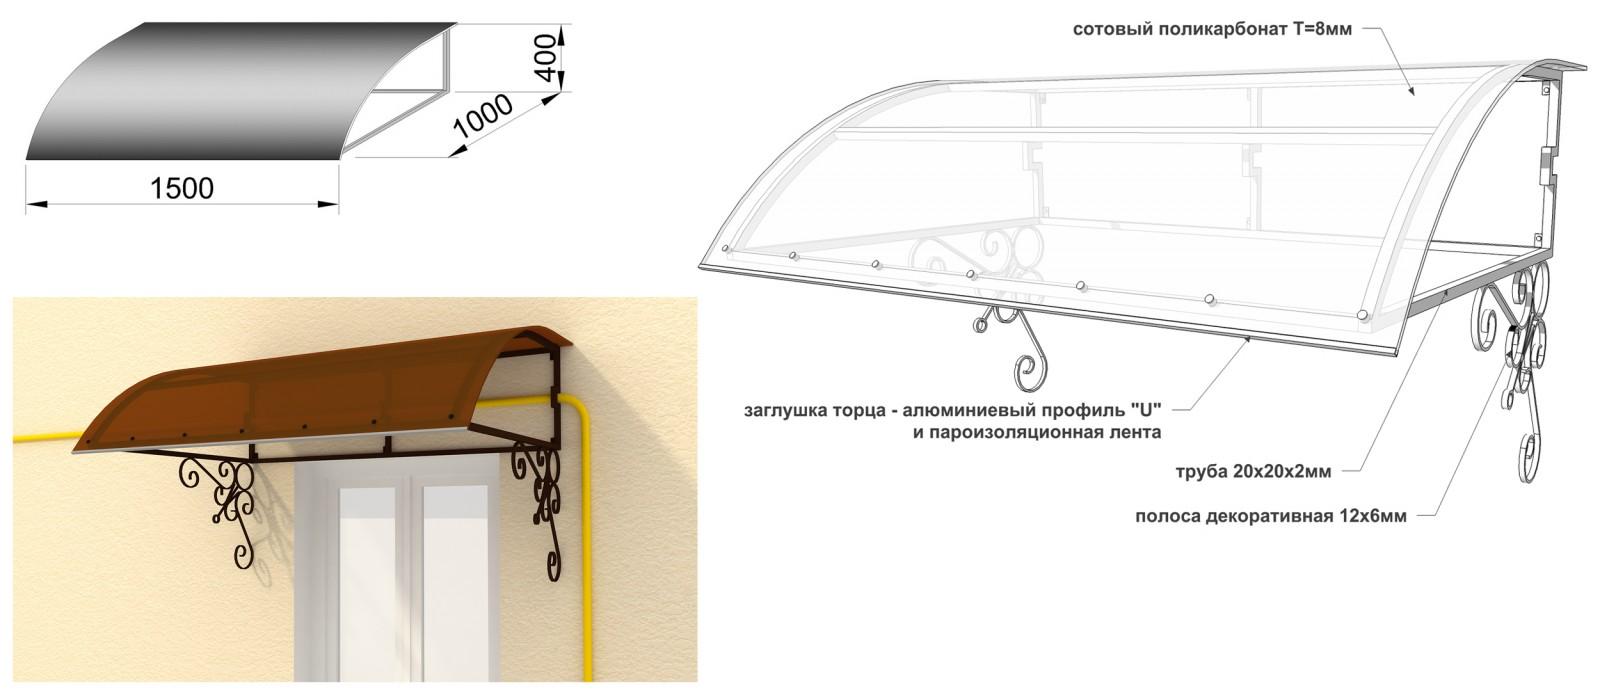 Козырьки над крыльцом из поликарбоната своими руками фото чертежи 26